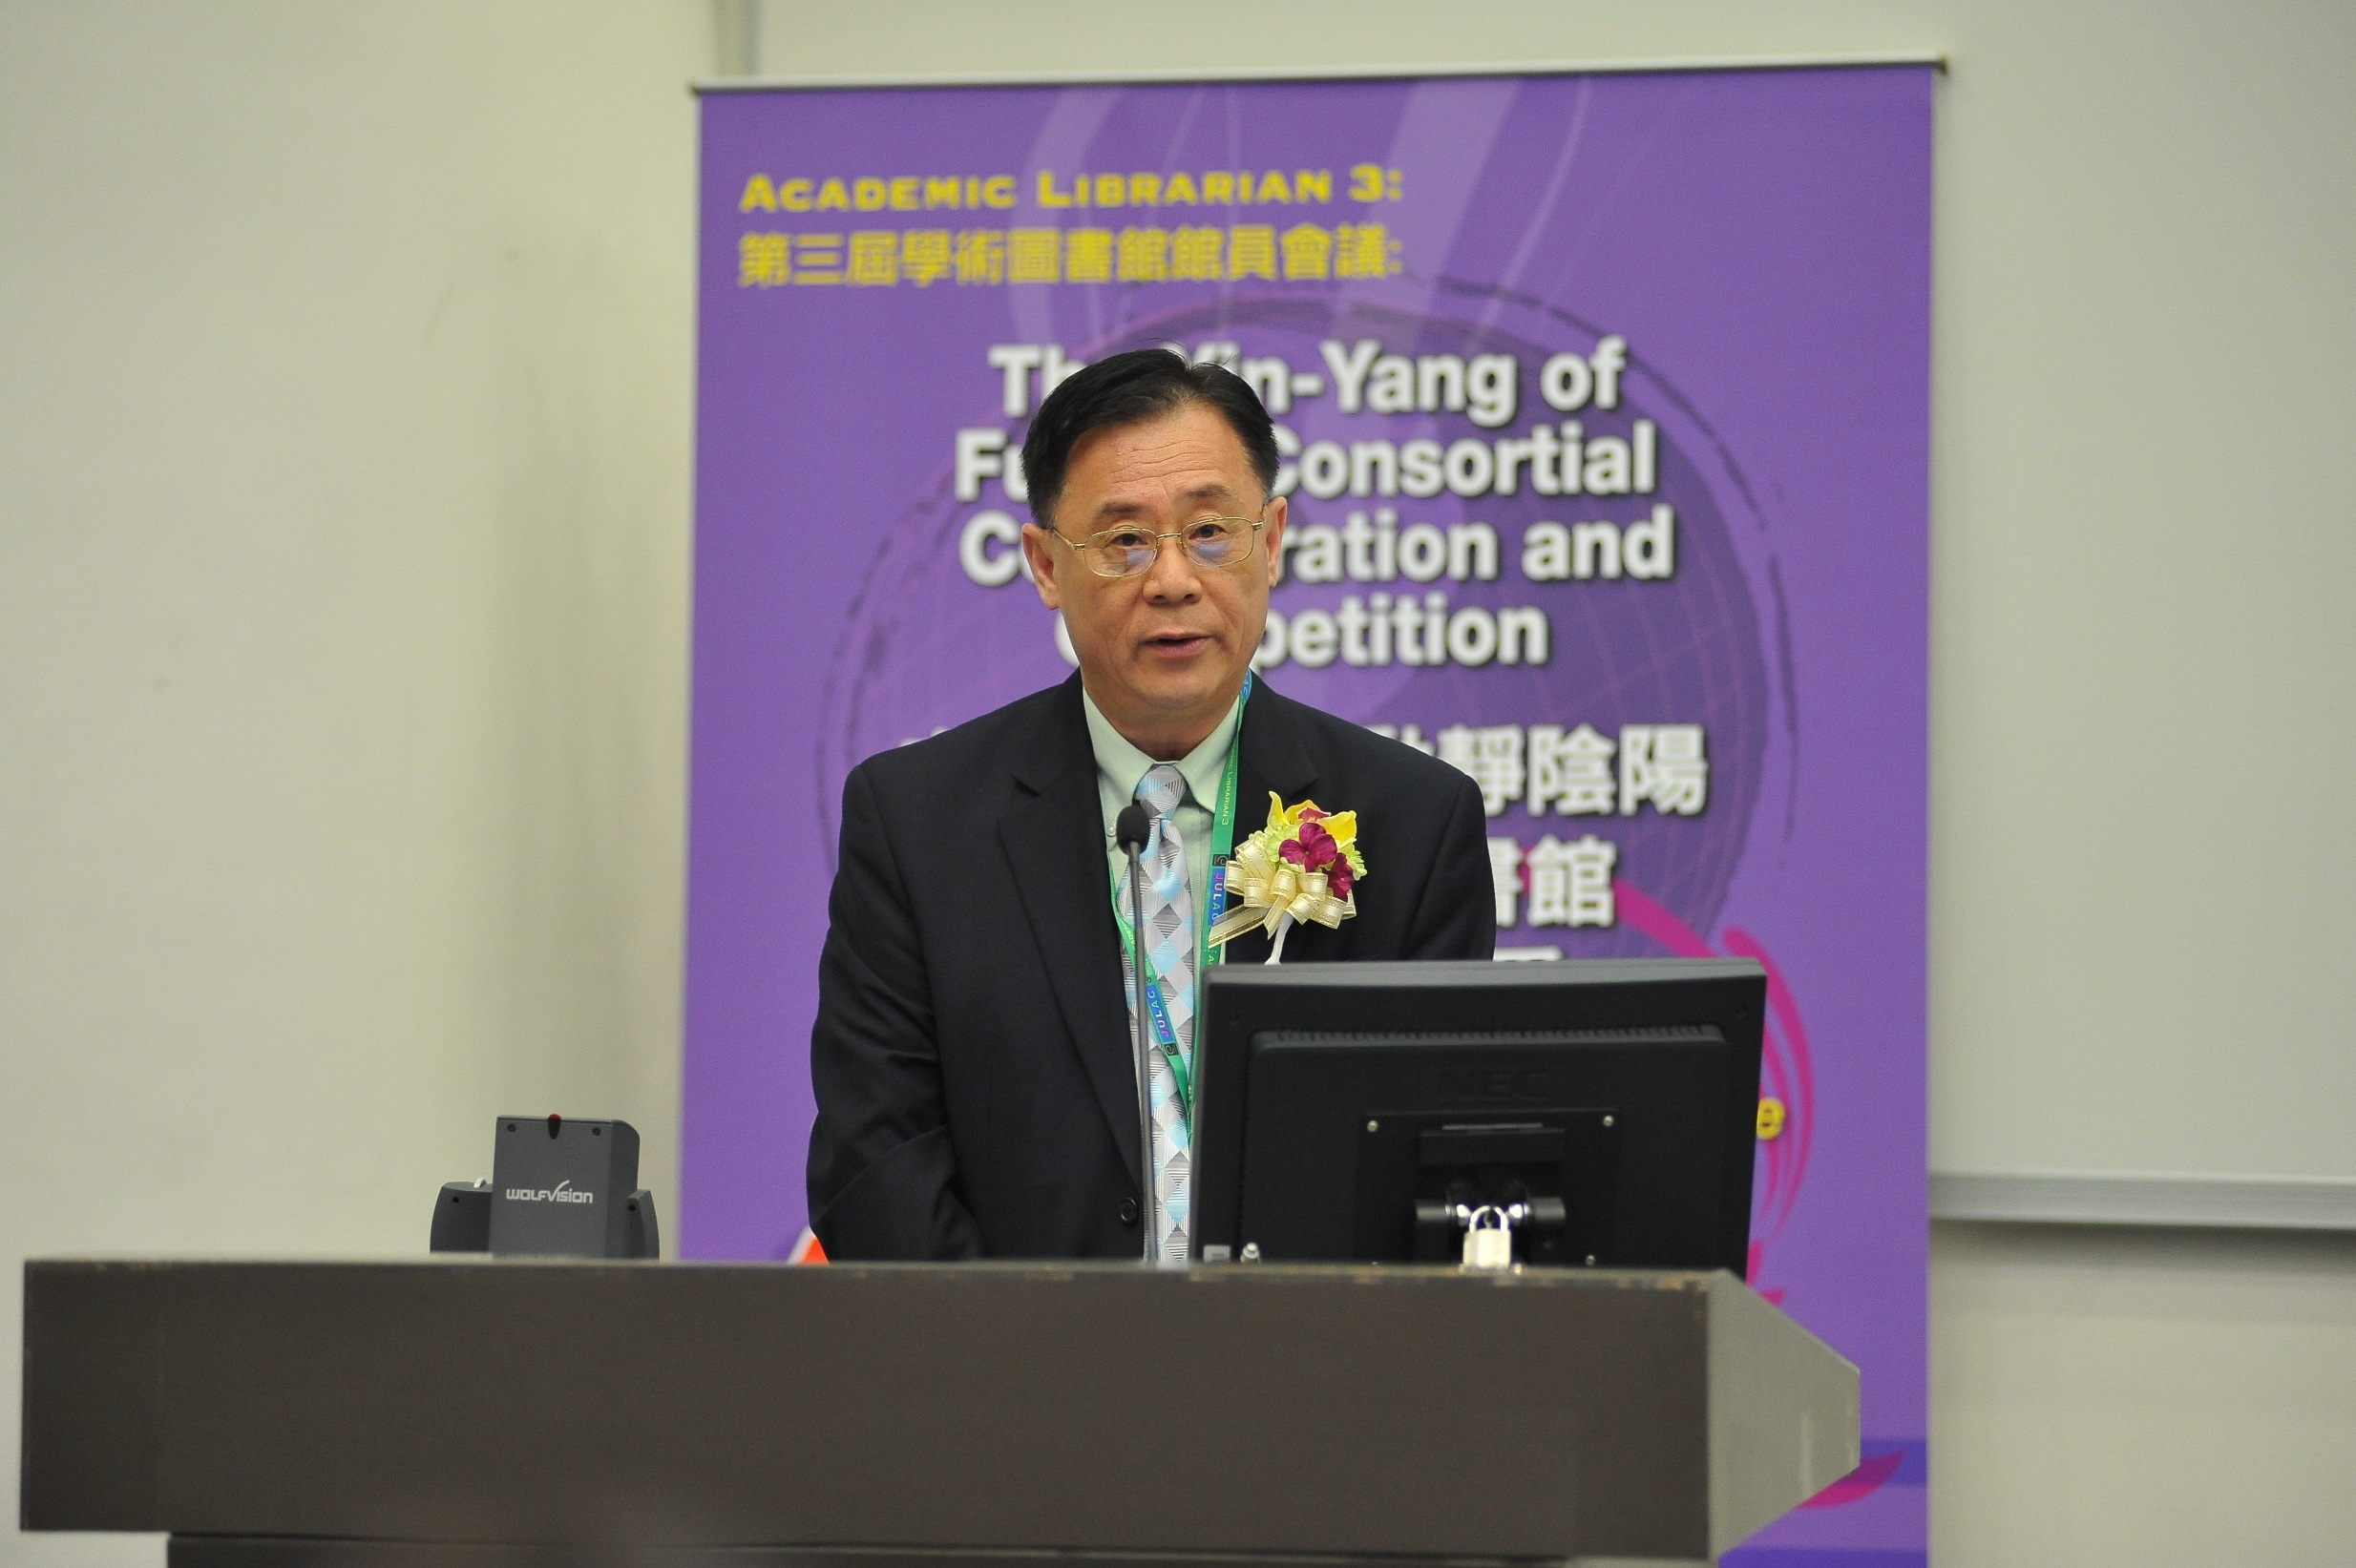 香港特別行政區大學圖書館長聯席會主席李海鵬先生致歡迎辭